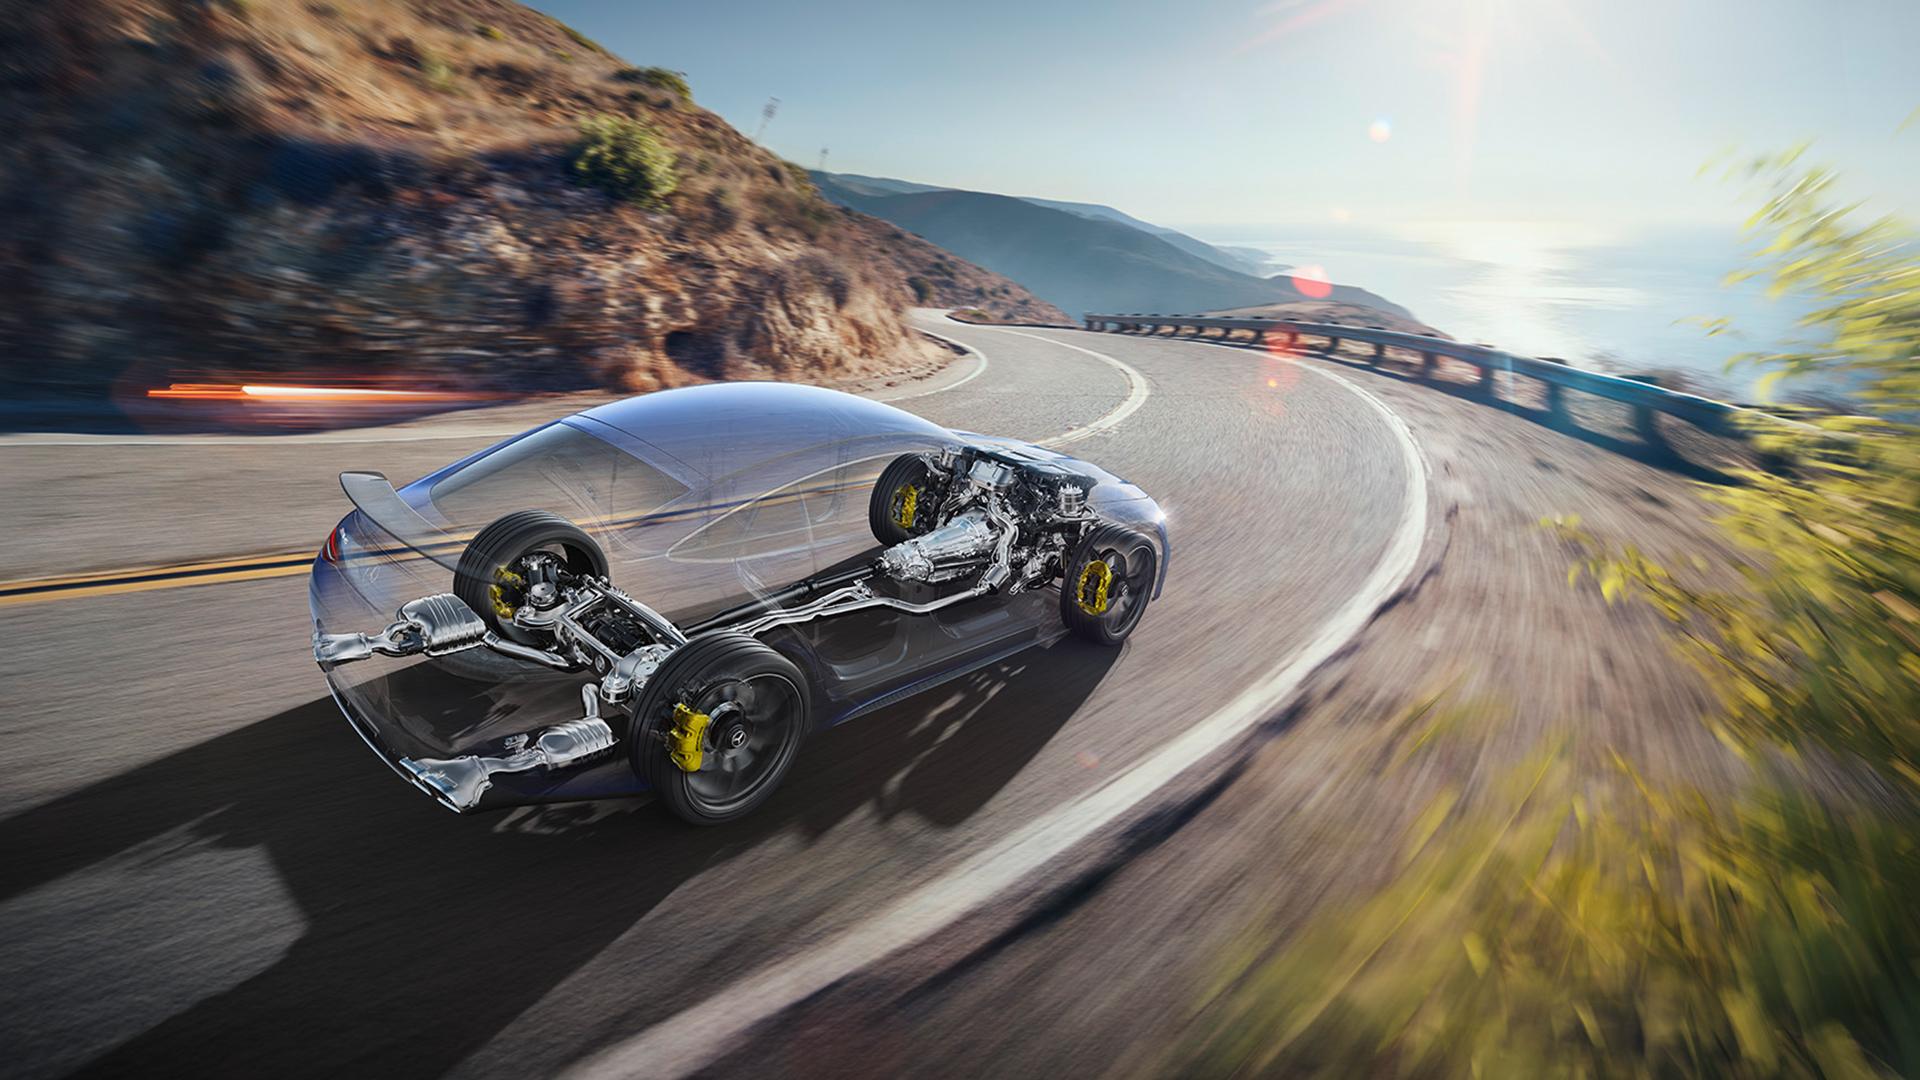 Vogue Cars officina autorizzata Mercedes-Benz e Smart nel centro di Milano, vendita automobili e ricambi originali